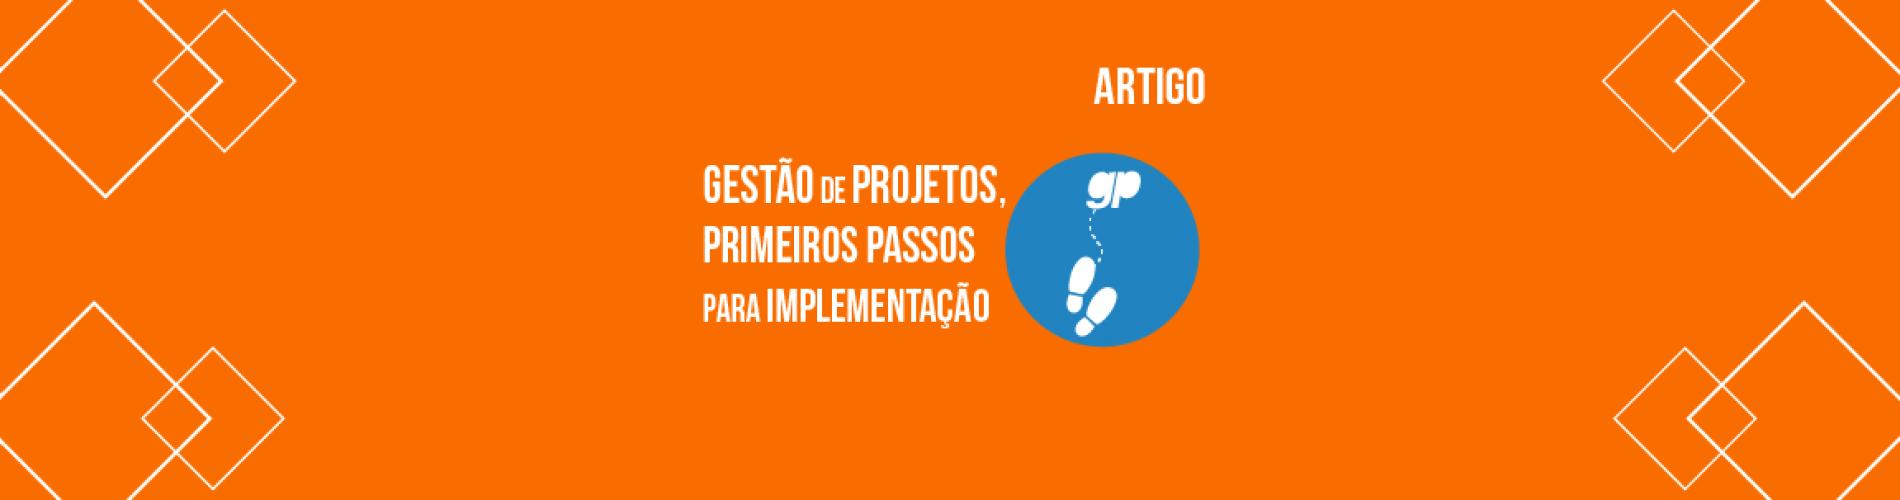 gestao-de-projetos-primeiros-passos-para-implementacao